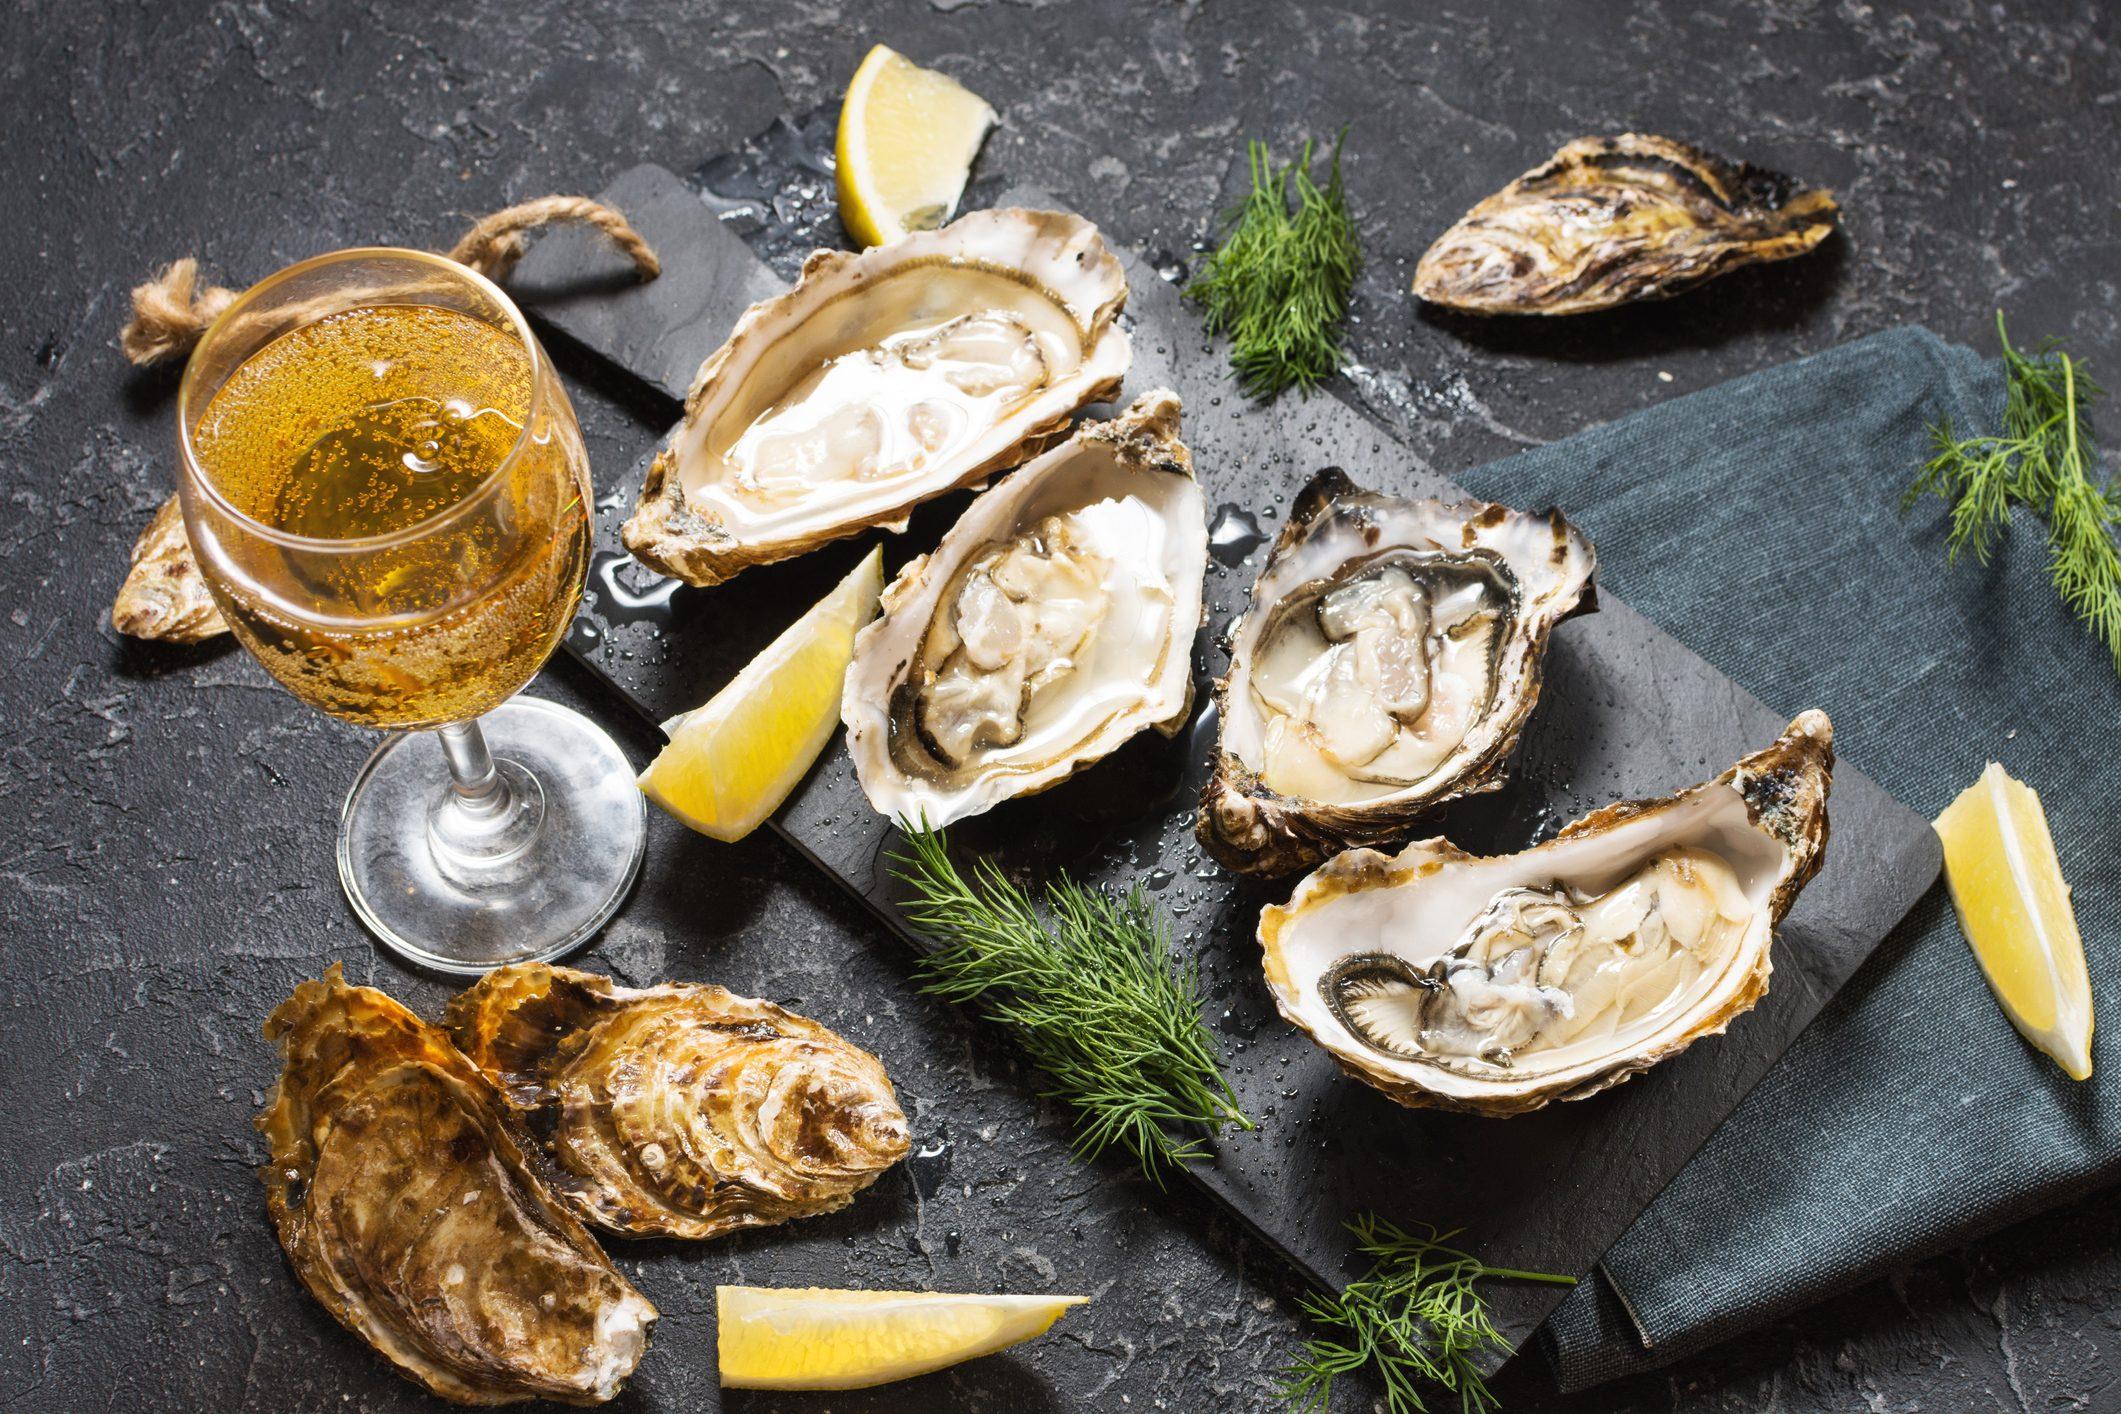 Le ostriche mangiate nei ristoranti di New York potrebbero salvare la città dagli uragani